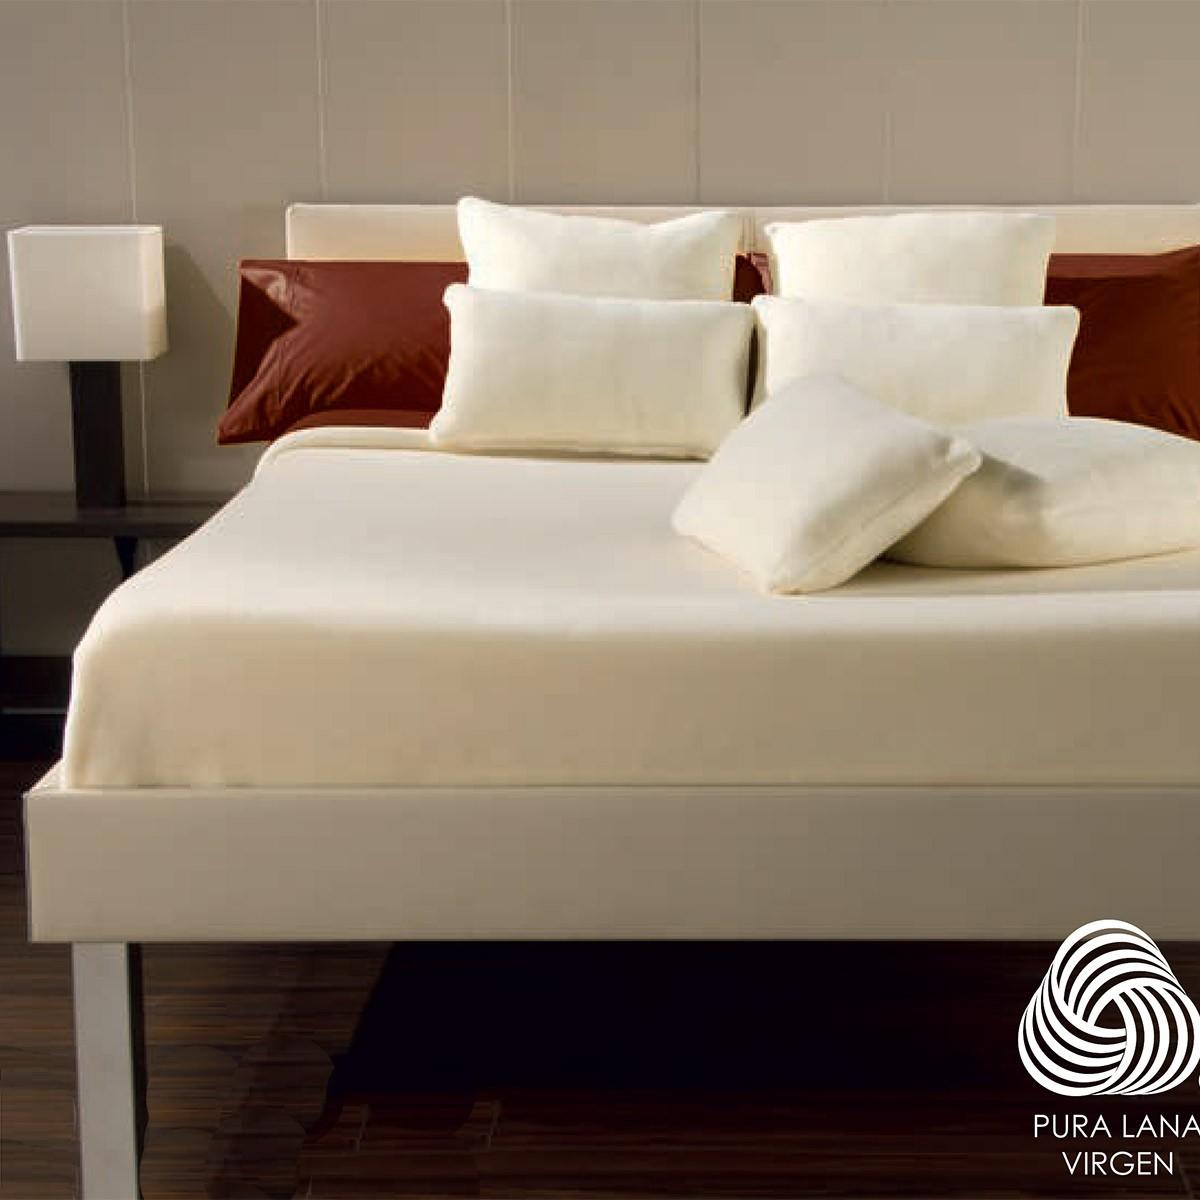 Κουβέρτα Μάλλινη Υπέρδιπλη Manterol Opera 001 C03 home   κρεβατοκάμαρα   κουβέρτες   κουβέρτες γούνινες   μάλλινες